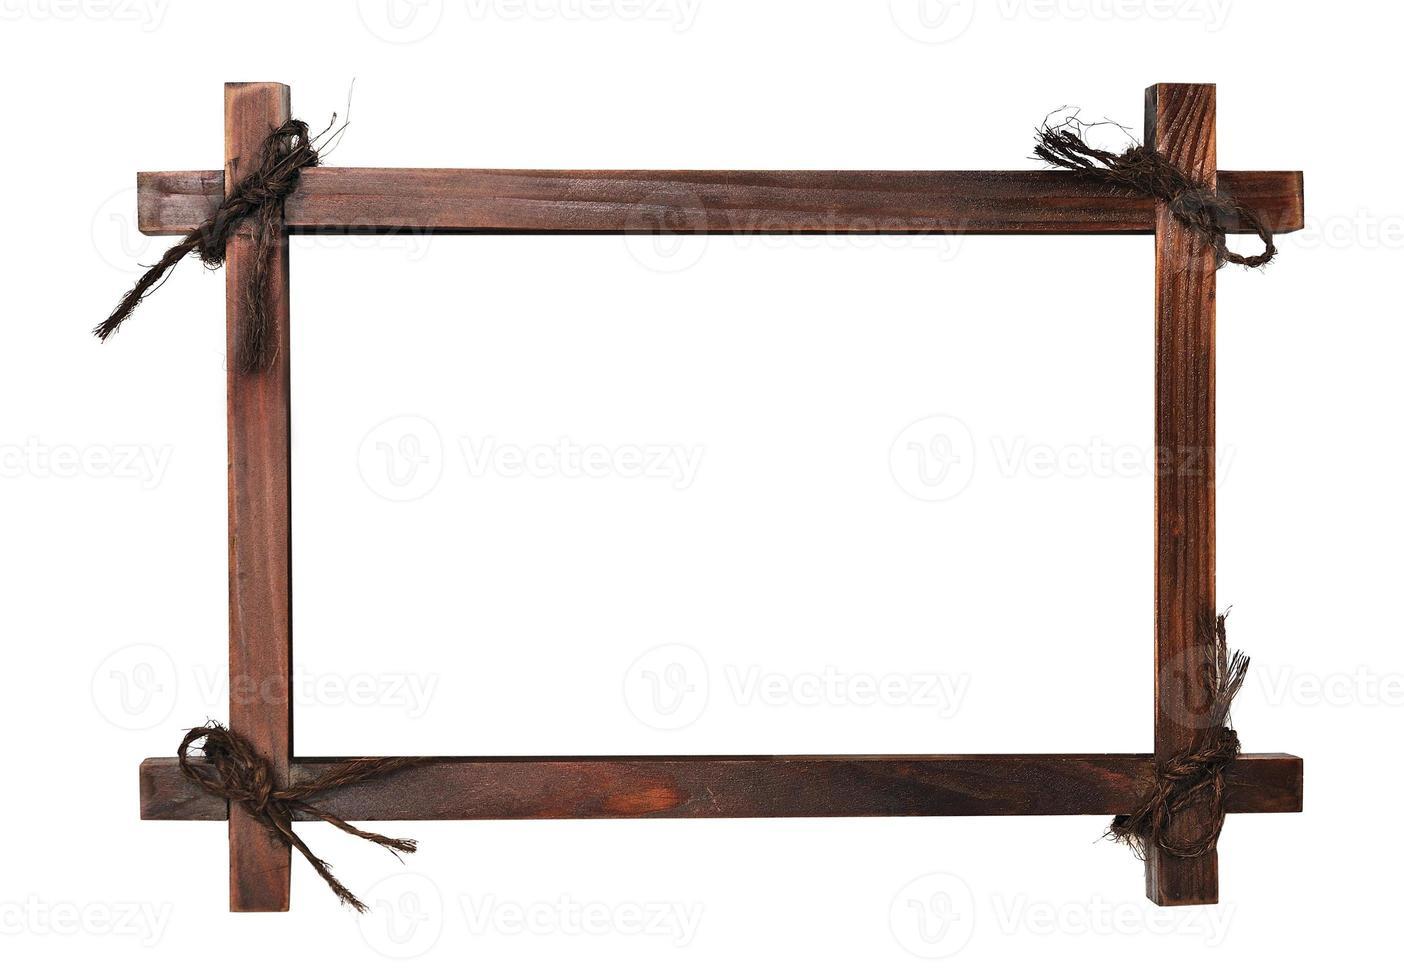 moldura de madeira com cadarços foto